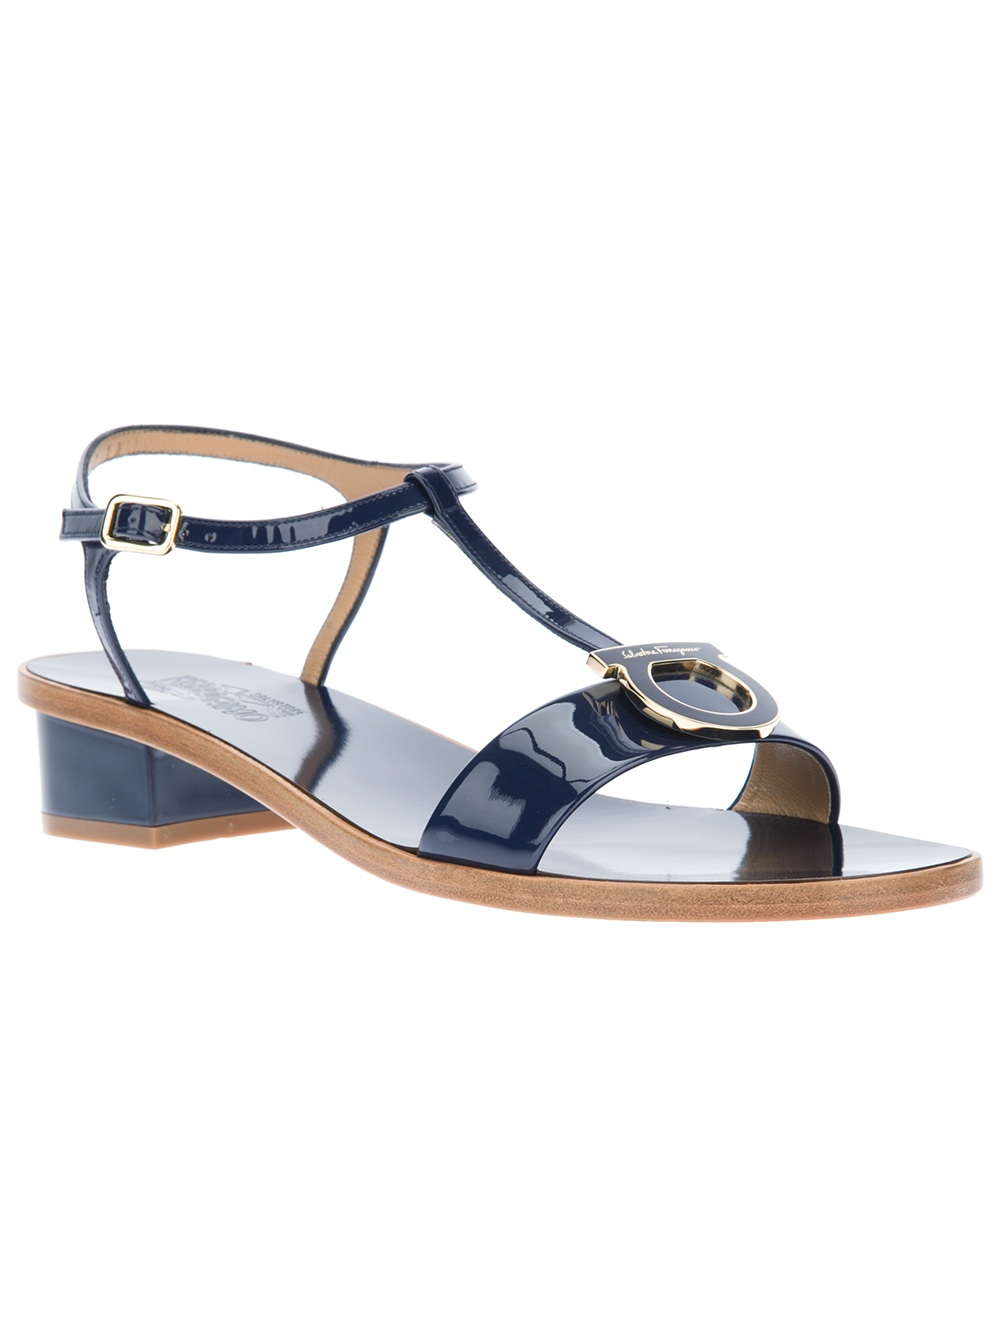 Unique Calvin Klein Women39s Nona Wedge Sandals In Blue Navy  Lyst